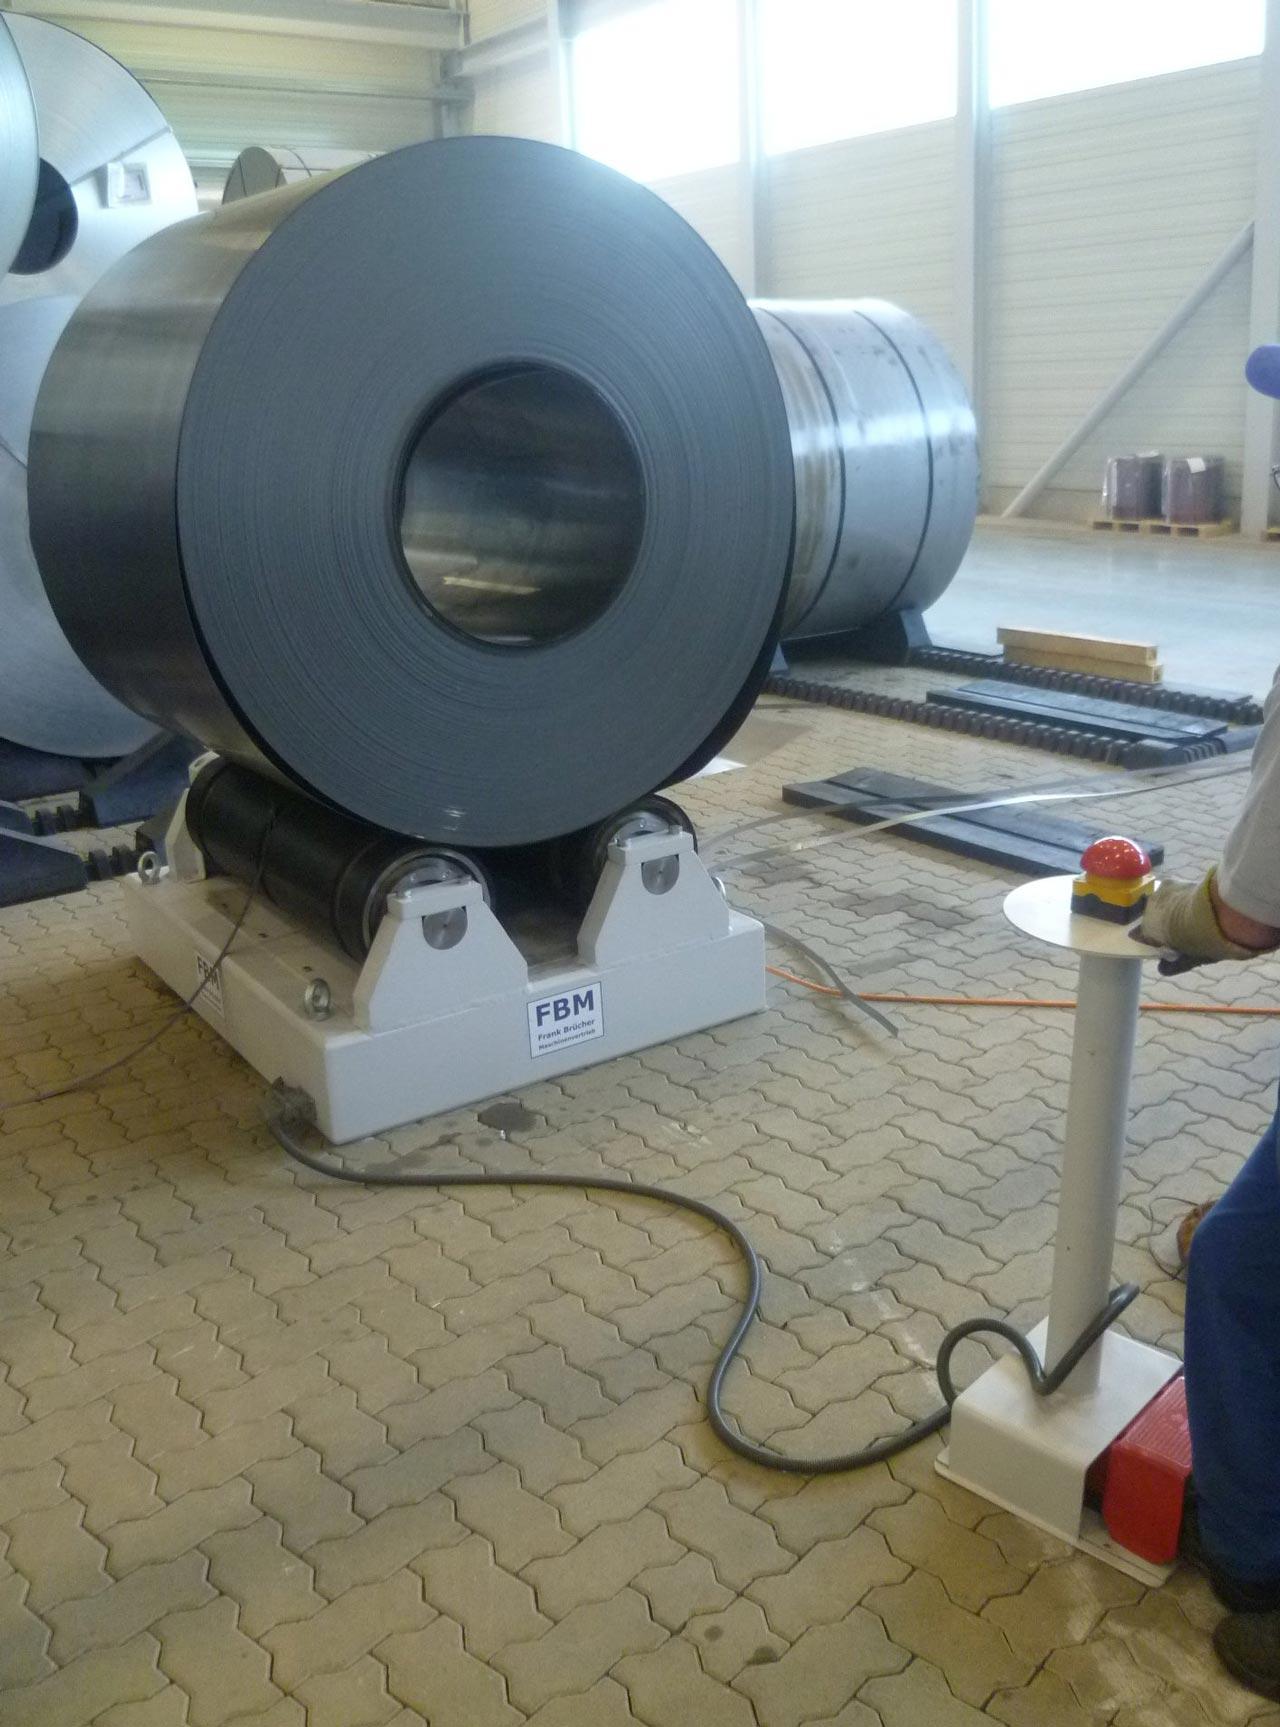 Coilvorbereitungsstation, Coildrehstation, Coilvorbereitung, coilwender, coil drehvorrichtung, Coilbock, Coil Drehstation, Coilverpackung, coil wenden, coil drehen, coil abwickeln, coil prüfen, Coilbock, Coilabrollbock